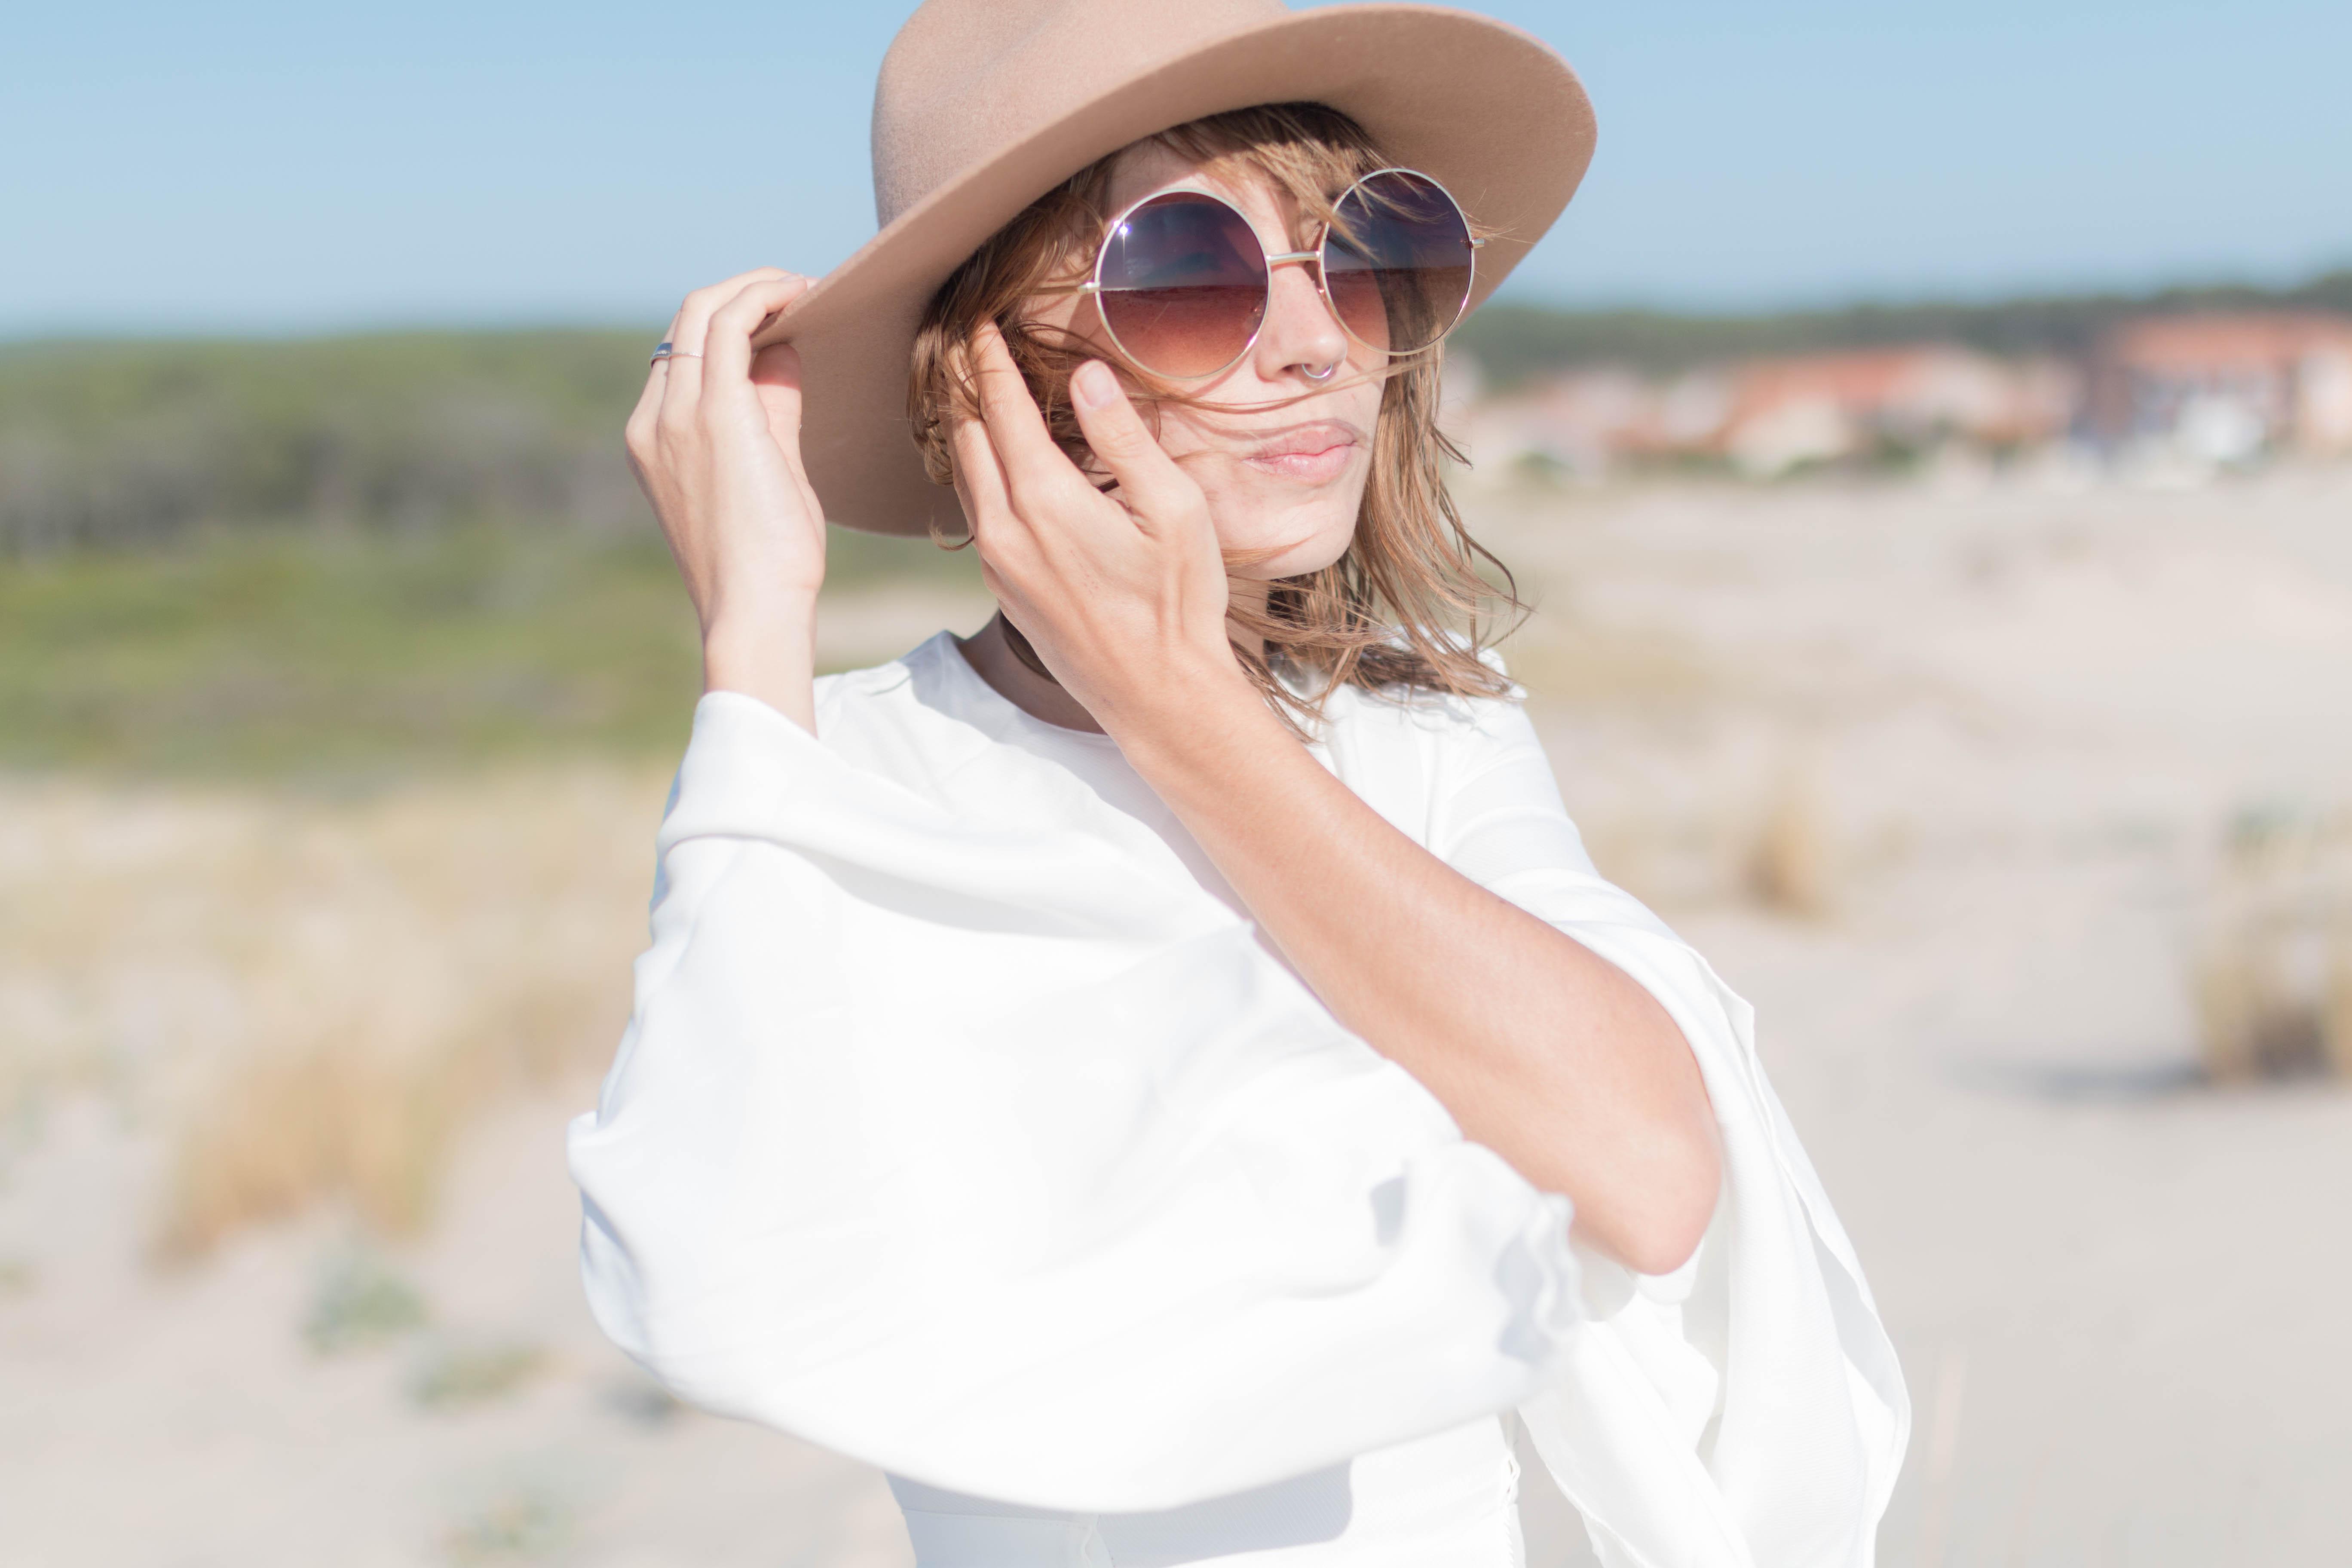 Combinaison blanche et lunettes rondes oversized | SP4NK BLOG